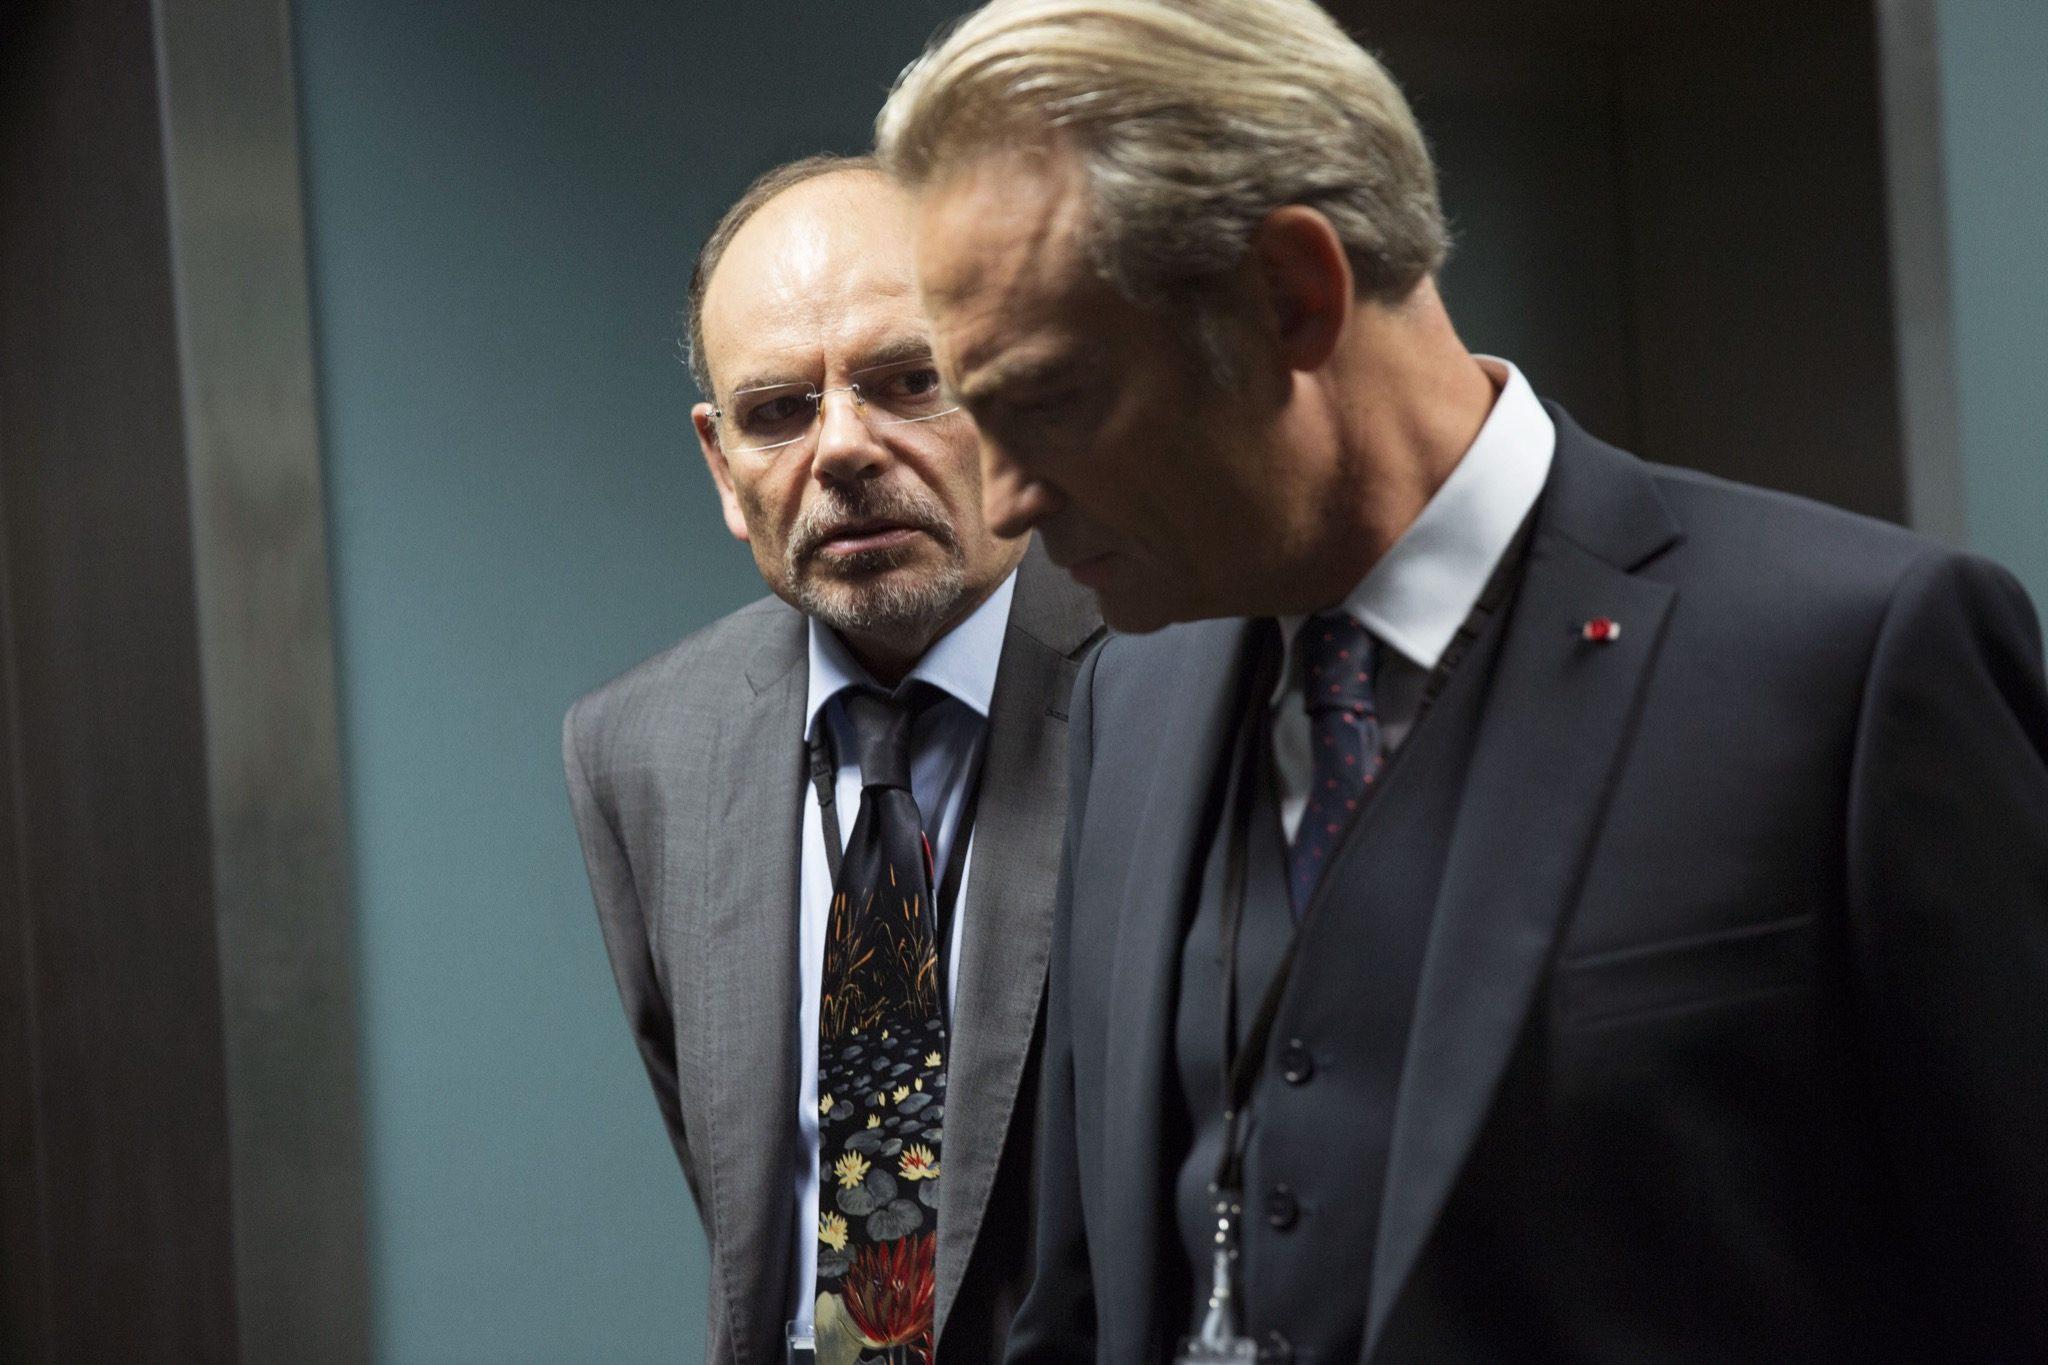 LE BUREAU DES LEGENDES Saison 2 - Episode 2